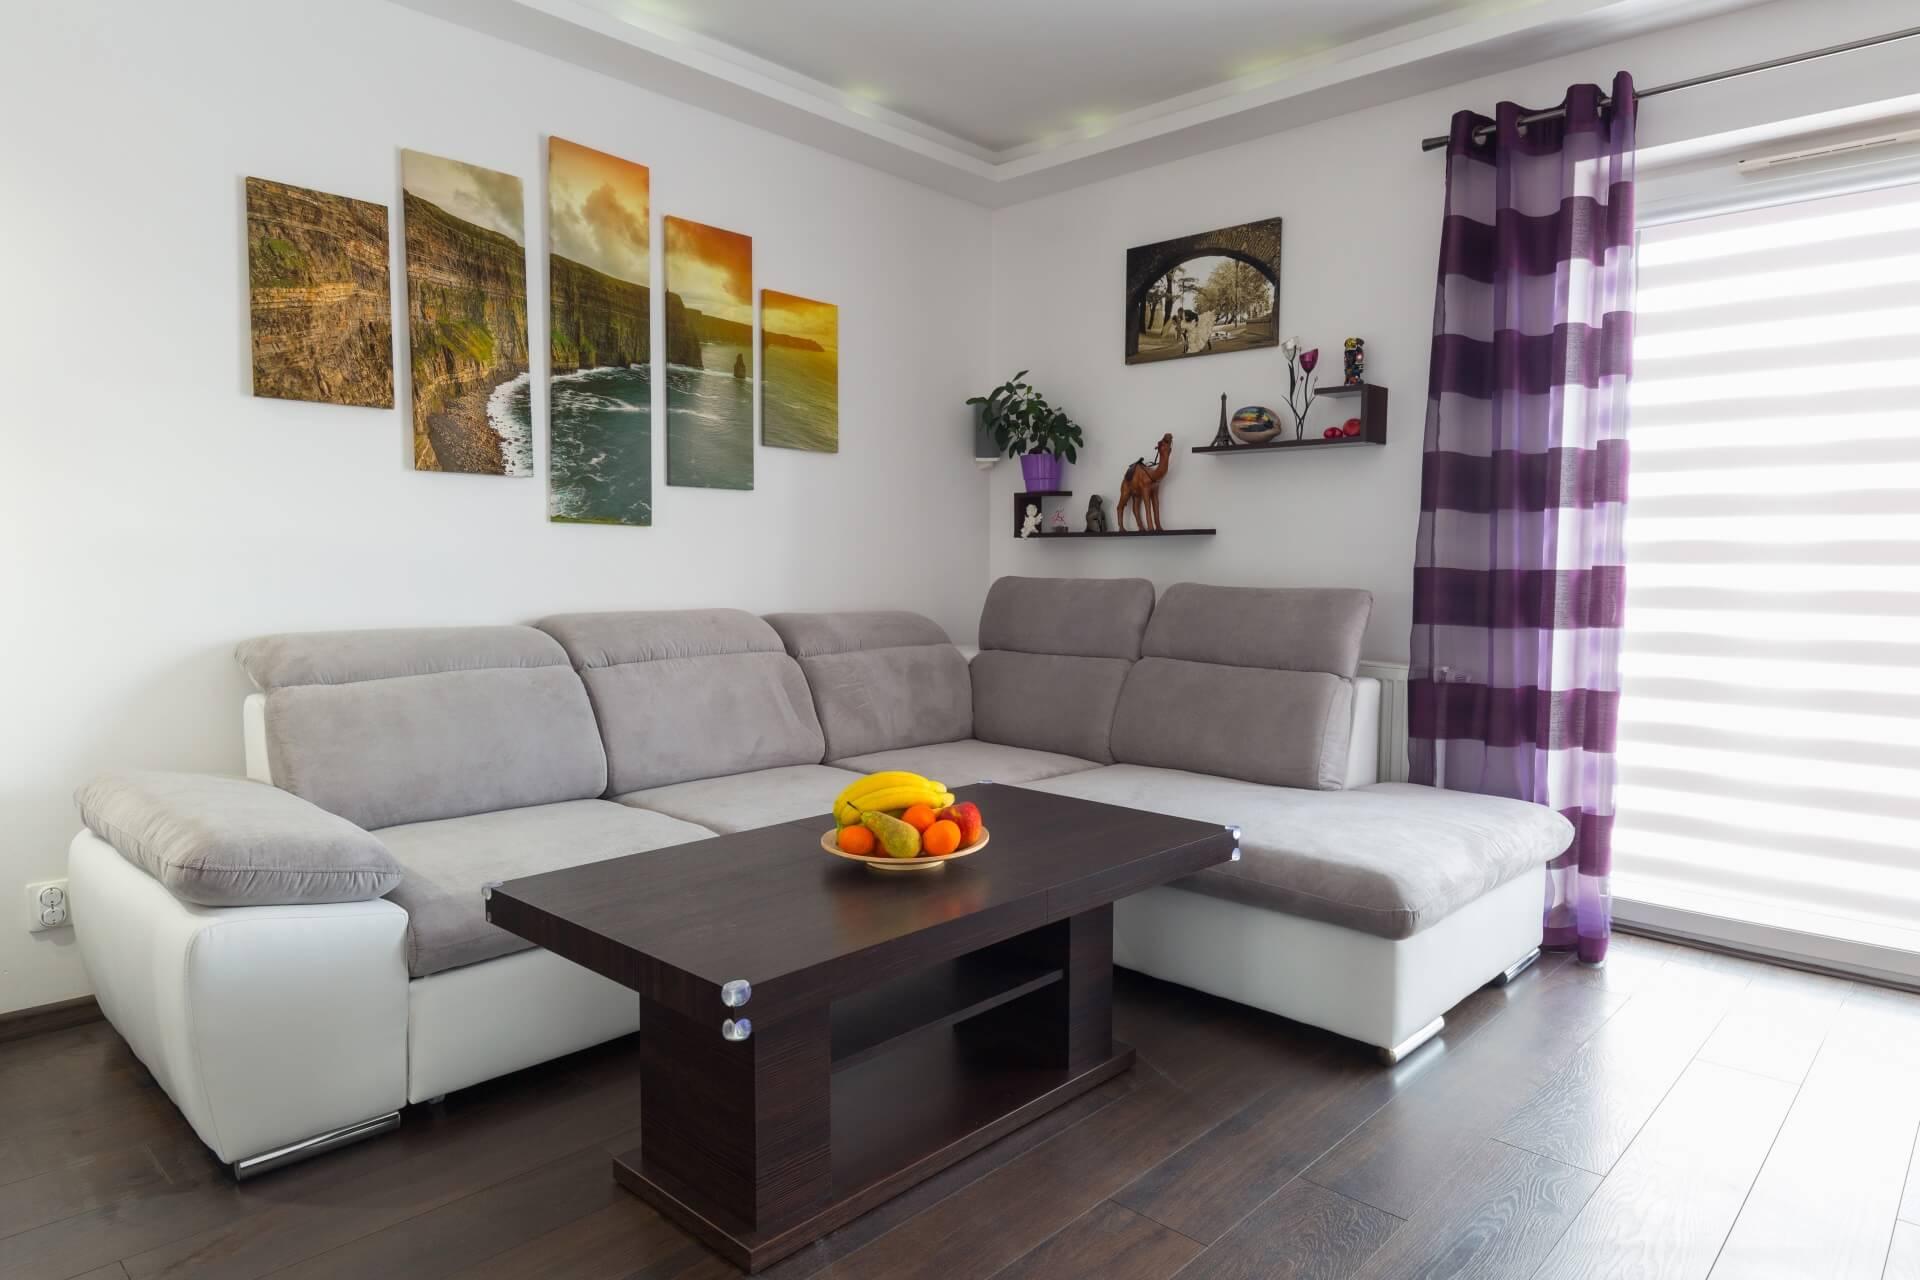 תמונה יצירתית של קנבס בסלון הבית- כך בוחרים תמונה לסלון